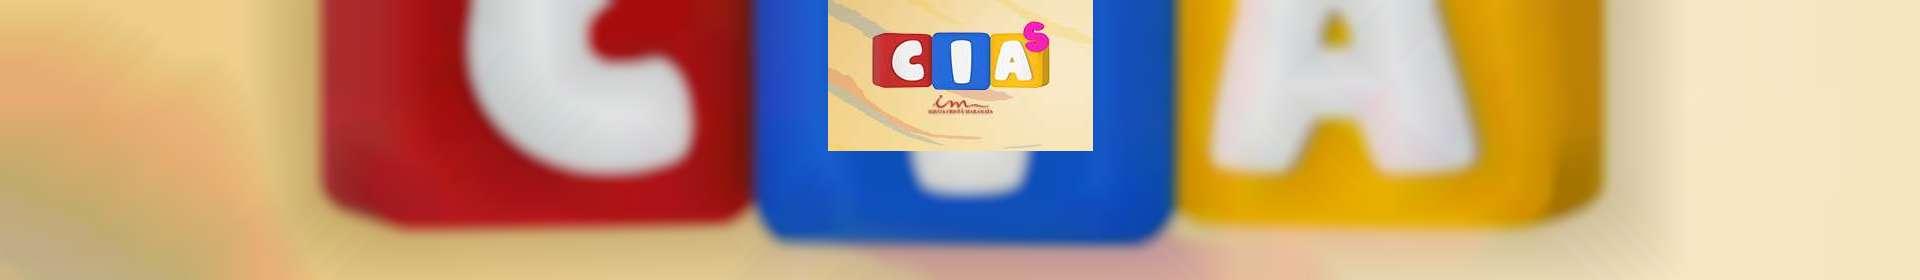 Aula de CIAS: classe de 07 a 11 anos - 02 de julho de 2020